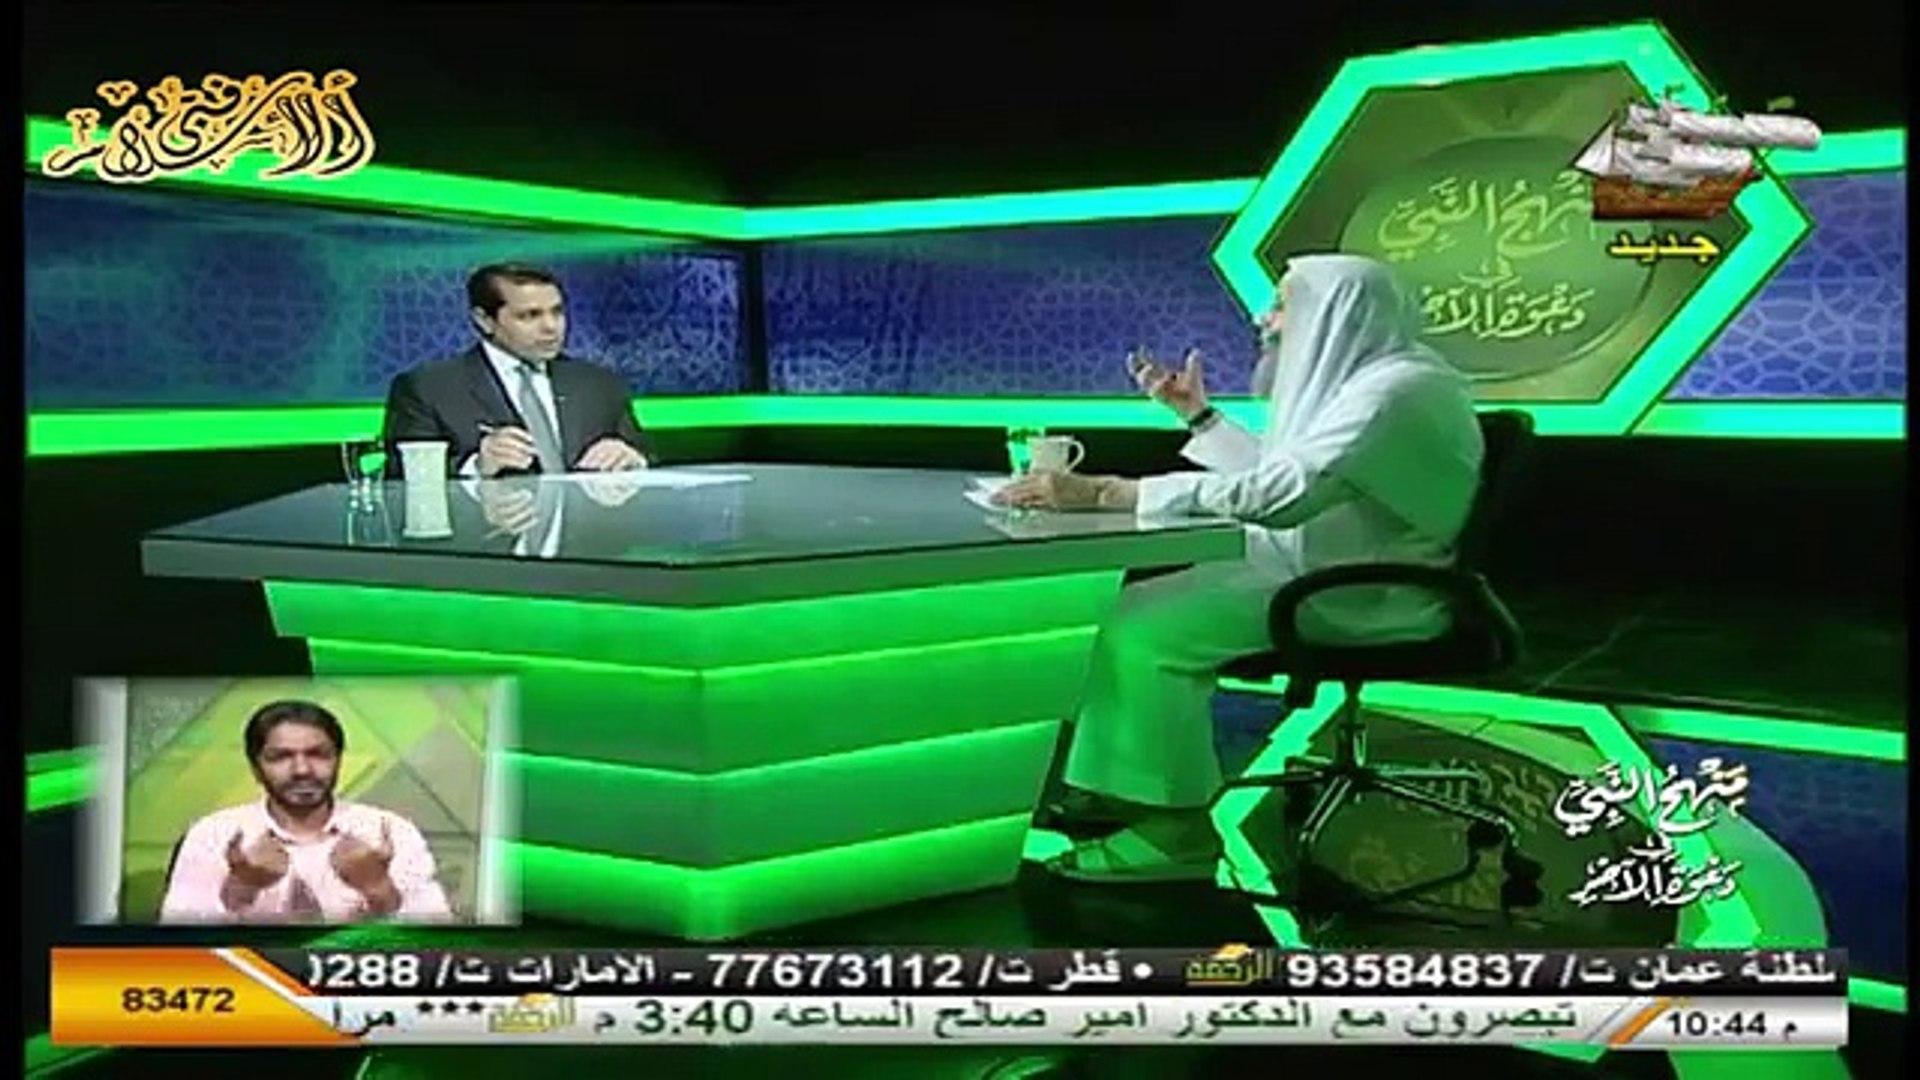 الاسلام اسلامية منهج النبى فى دعوة الاخر بلغة الاشارة الحلقة 3